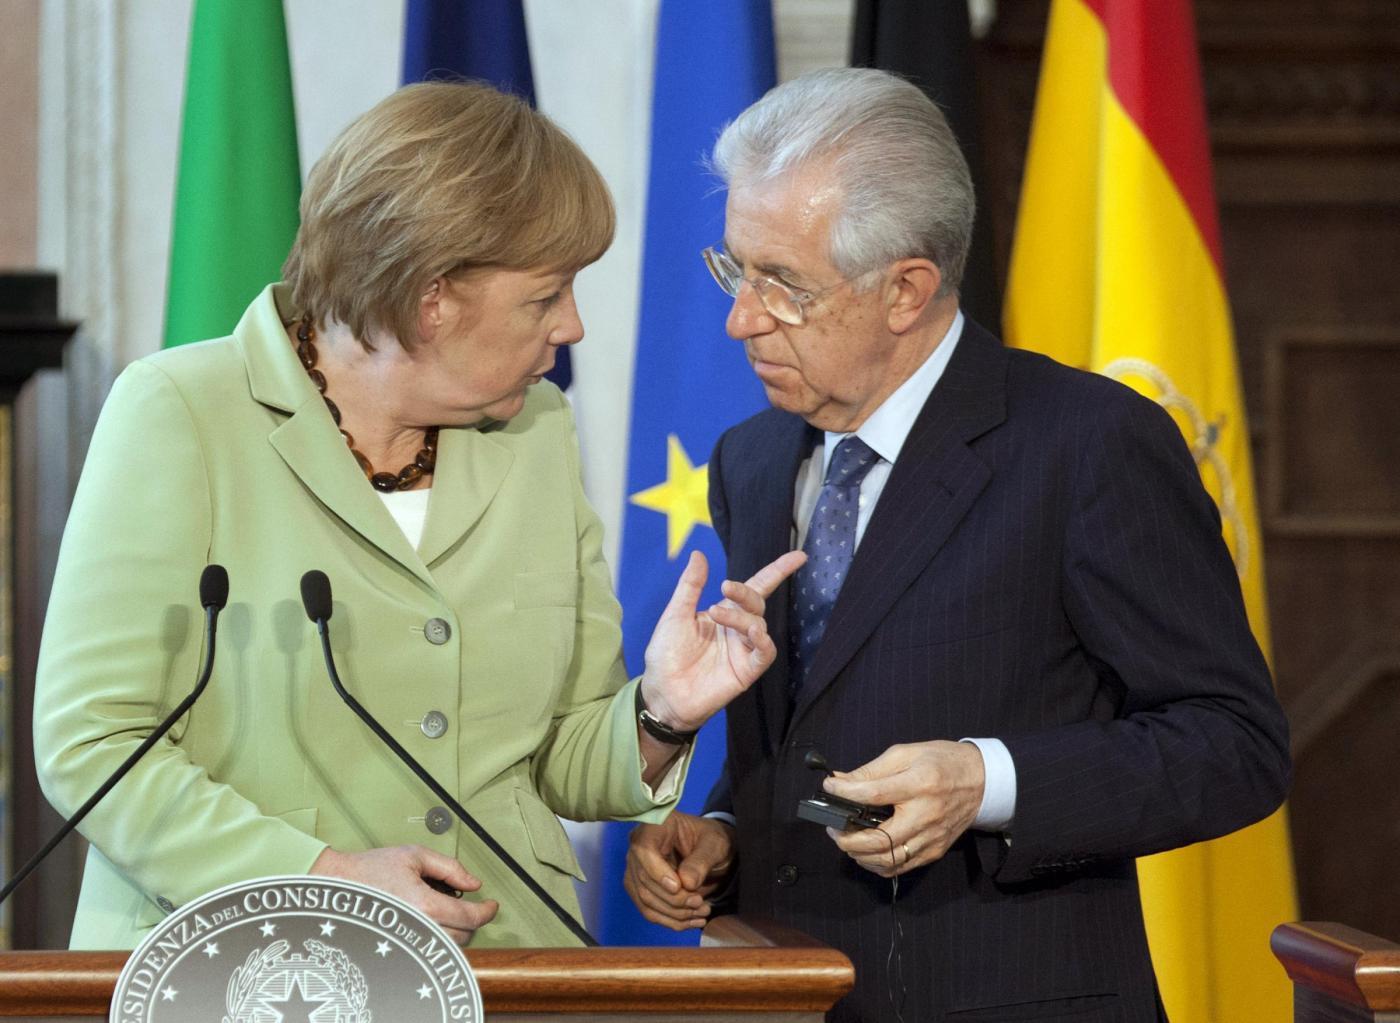 Angela Merkel, Mario Monti